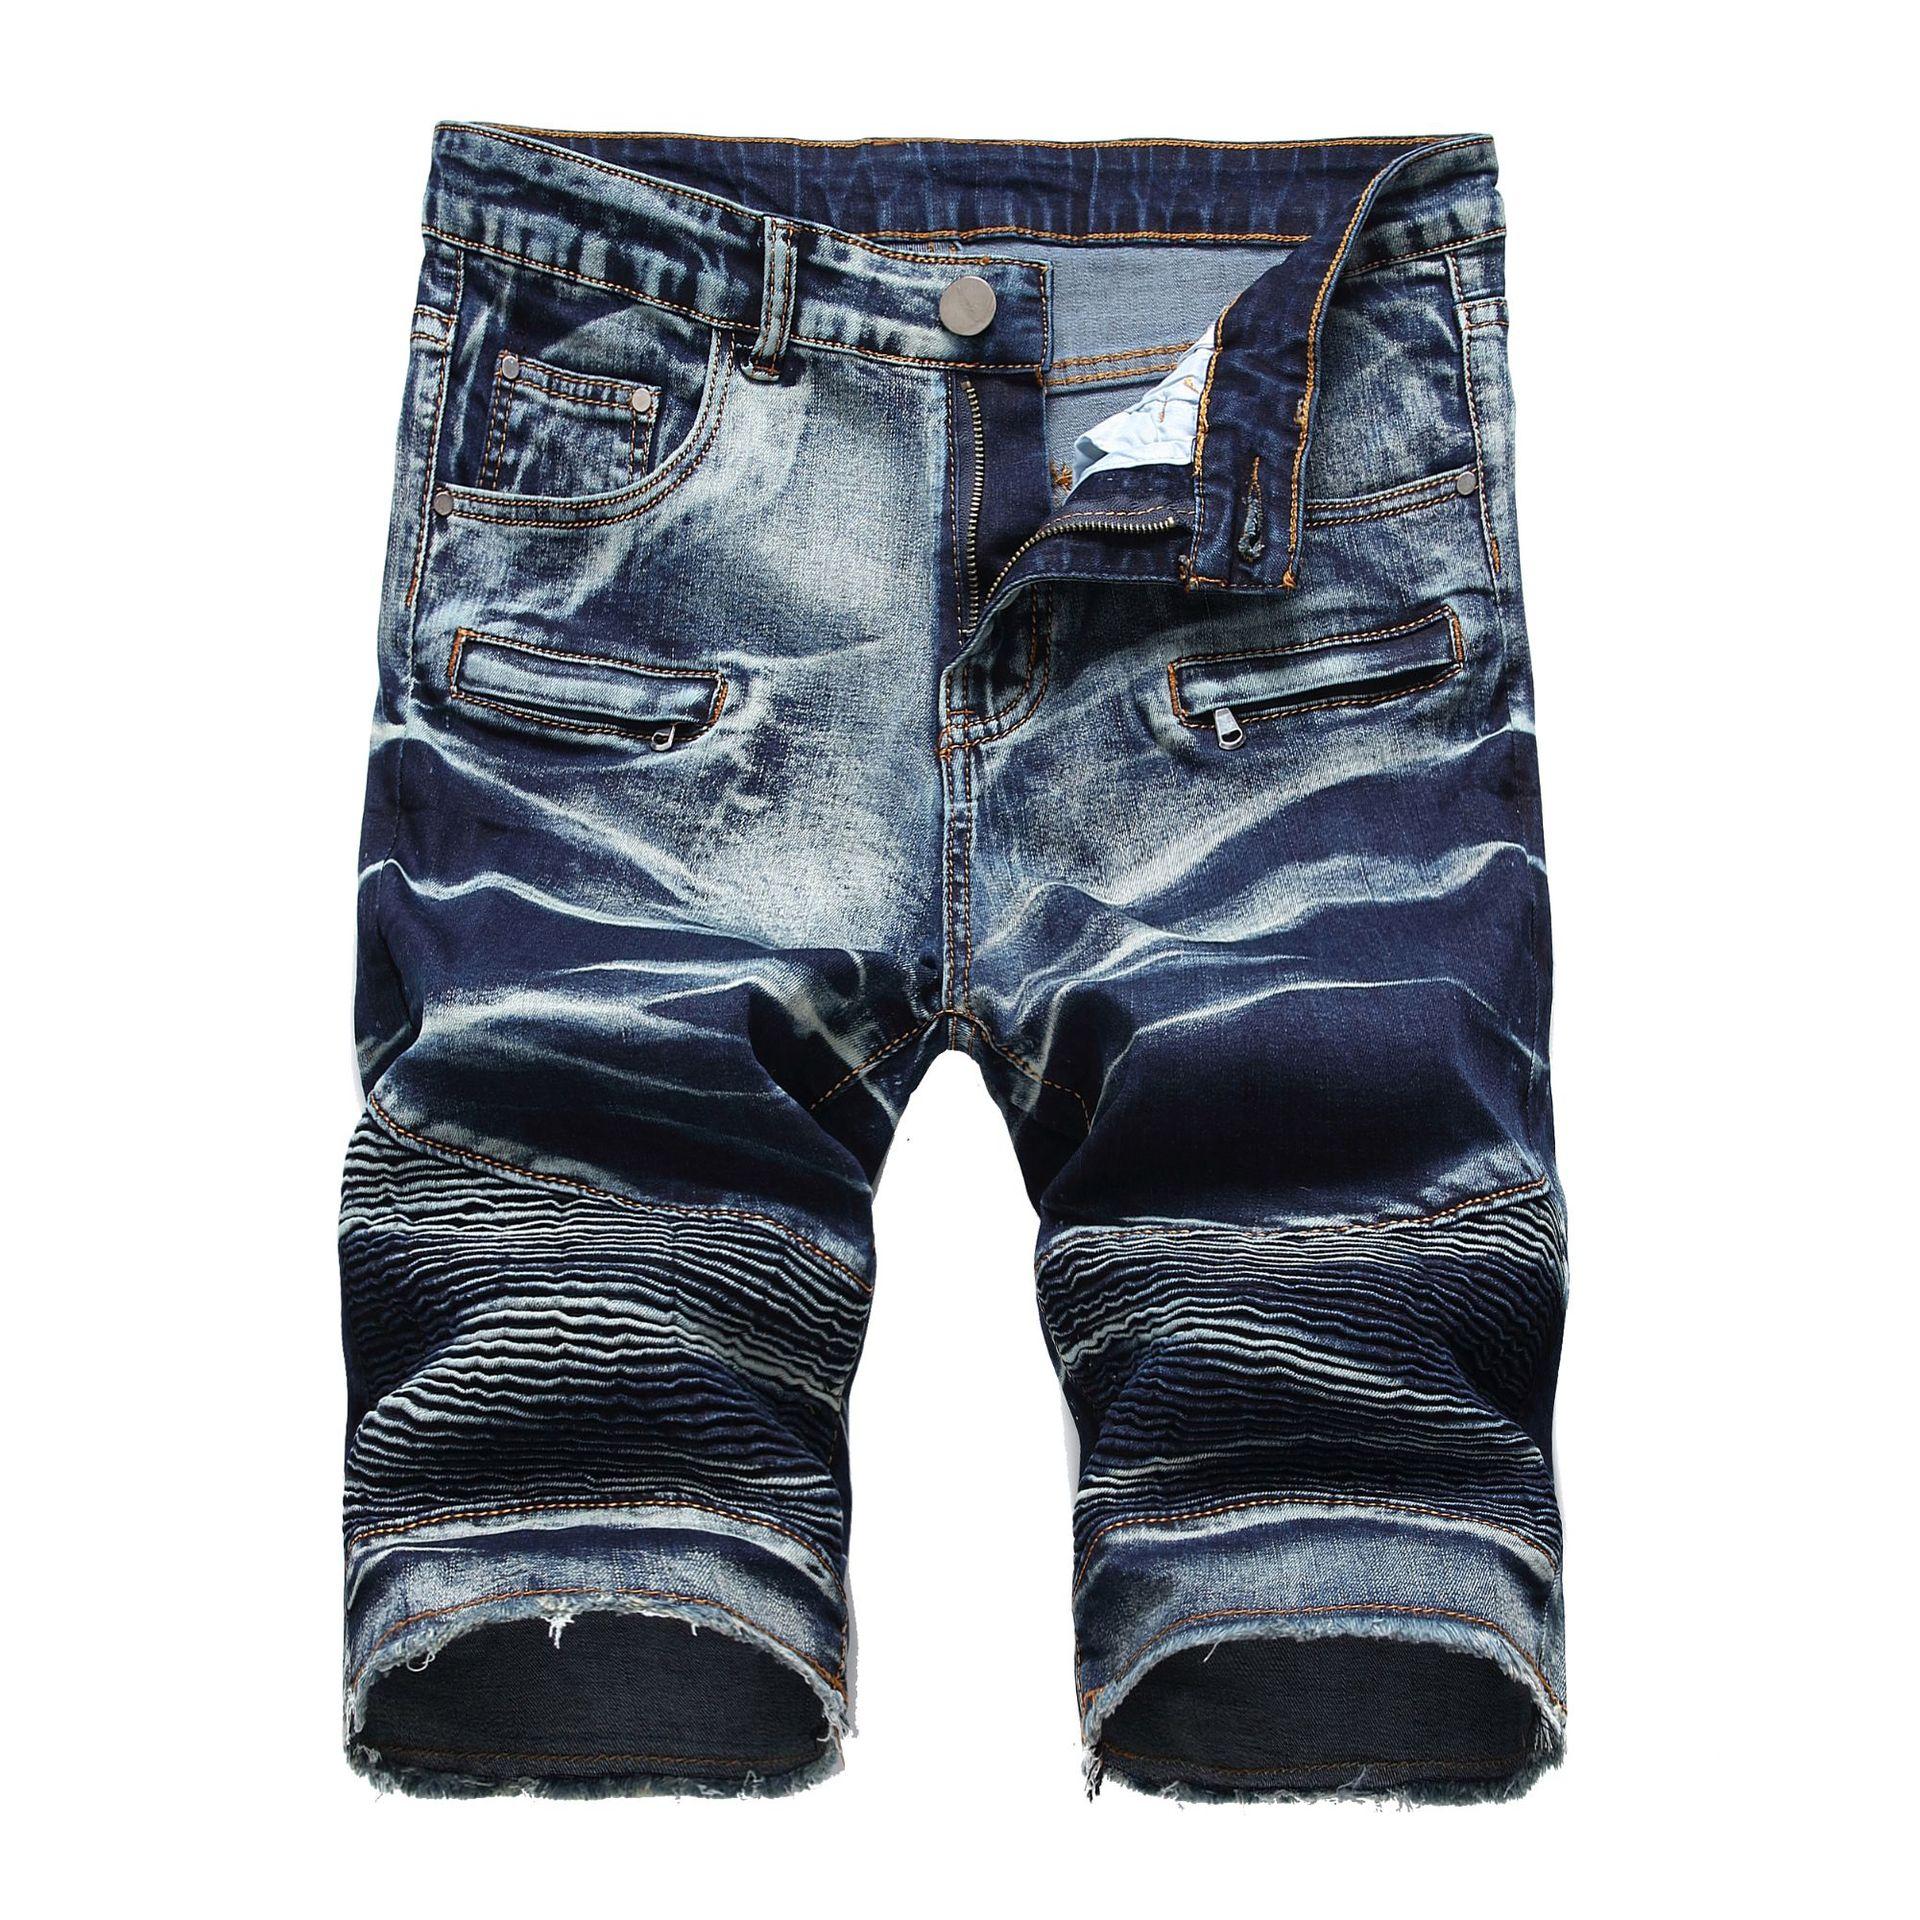 Pantalones cortos vaqueros de estilo veraniego para hombres, pantalones cortos vaqueros punk para hombre, pantalones cortos vaqueros elásticos de talla grande, pantalón corto informal para hombre